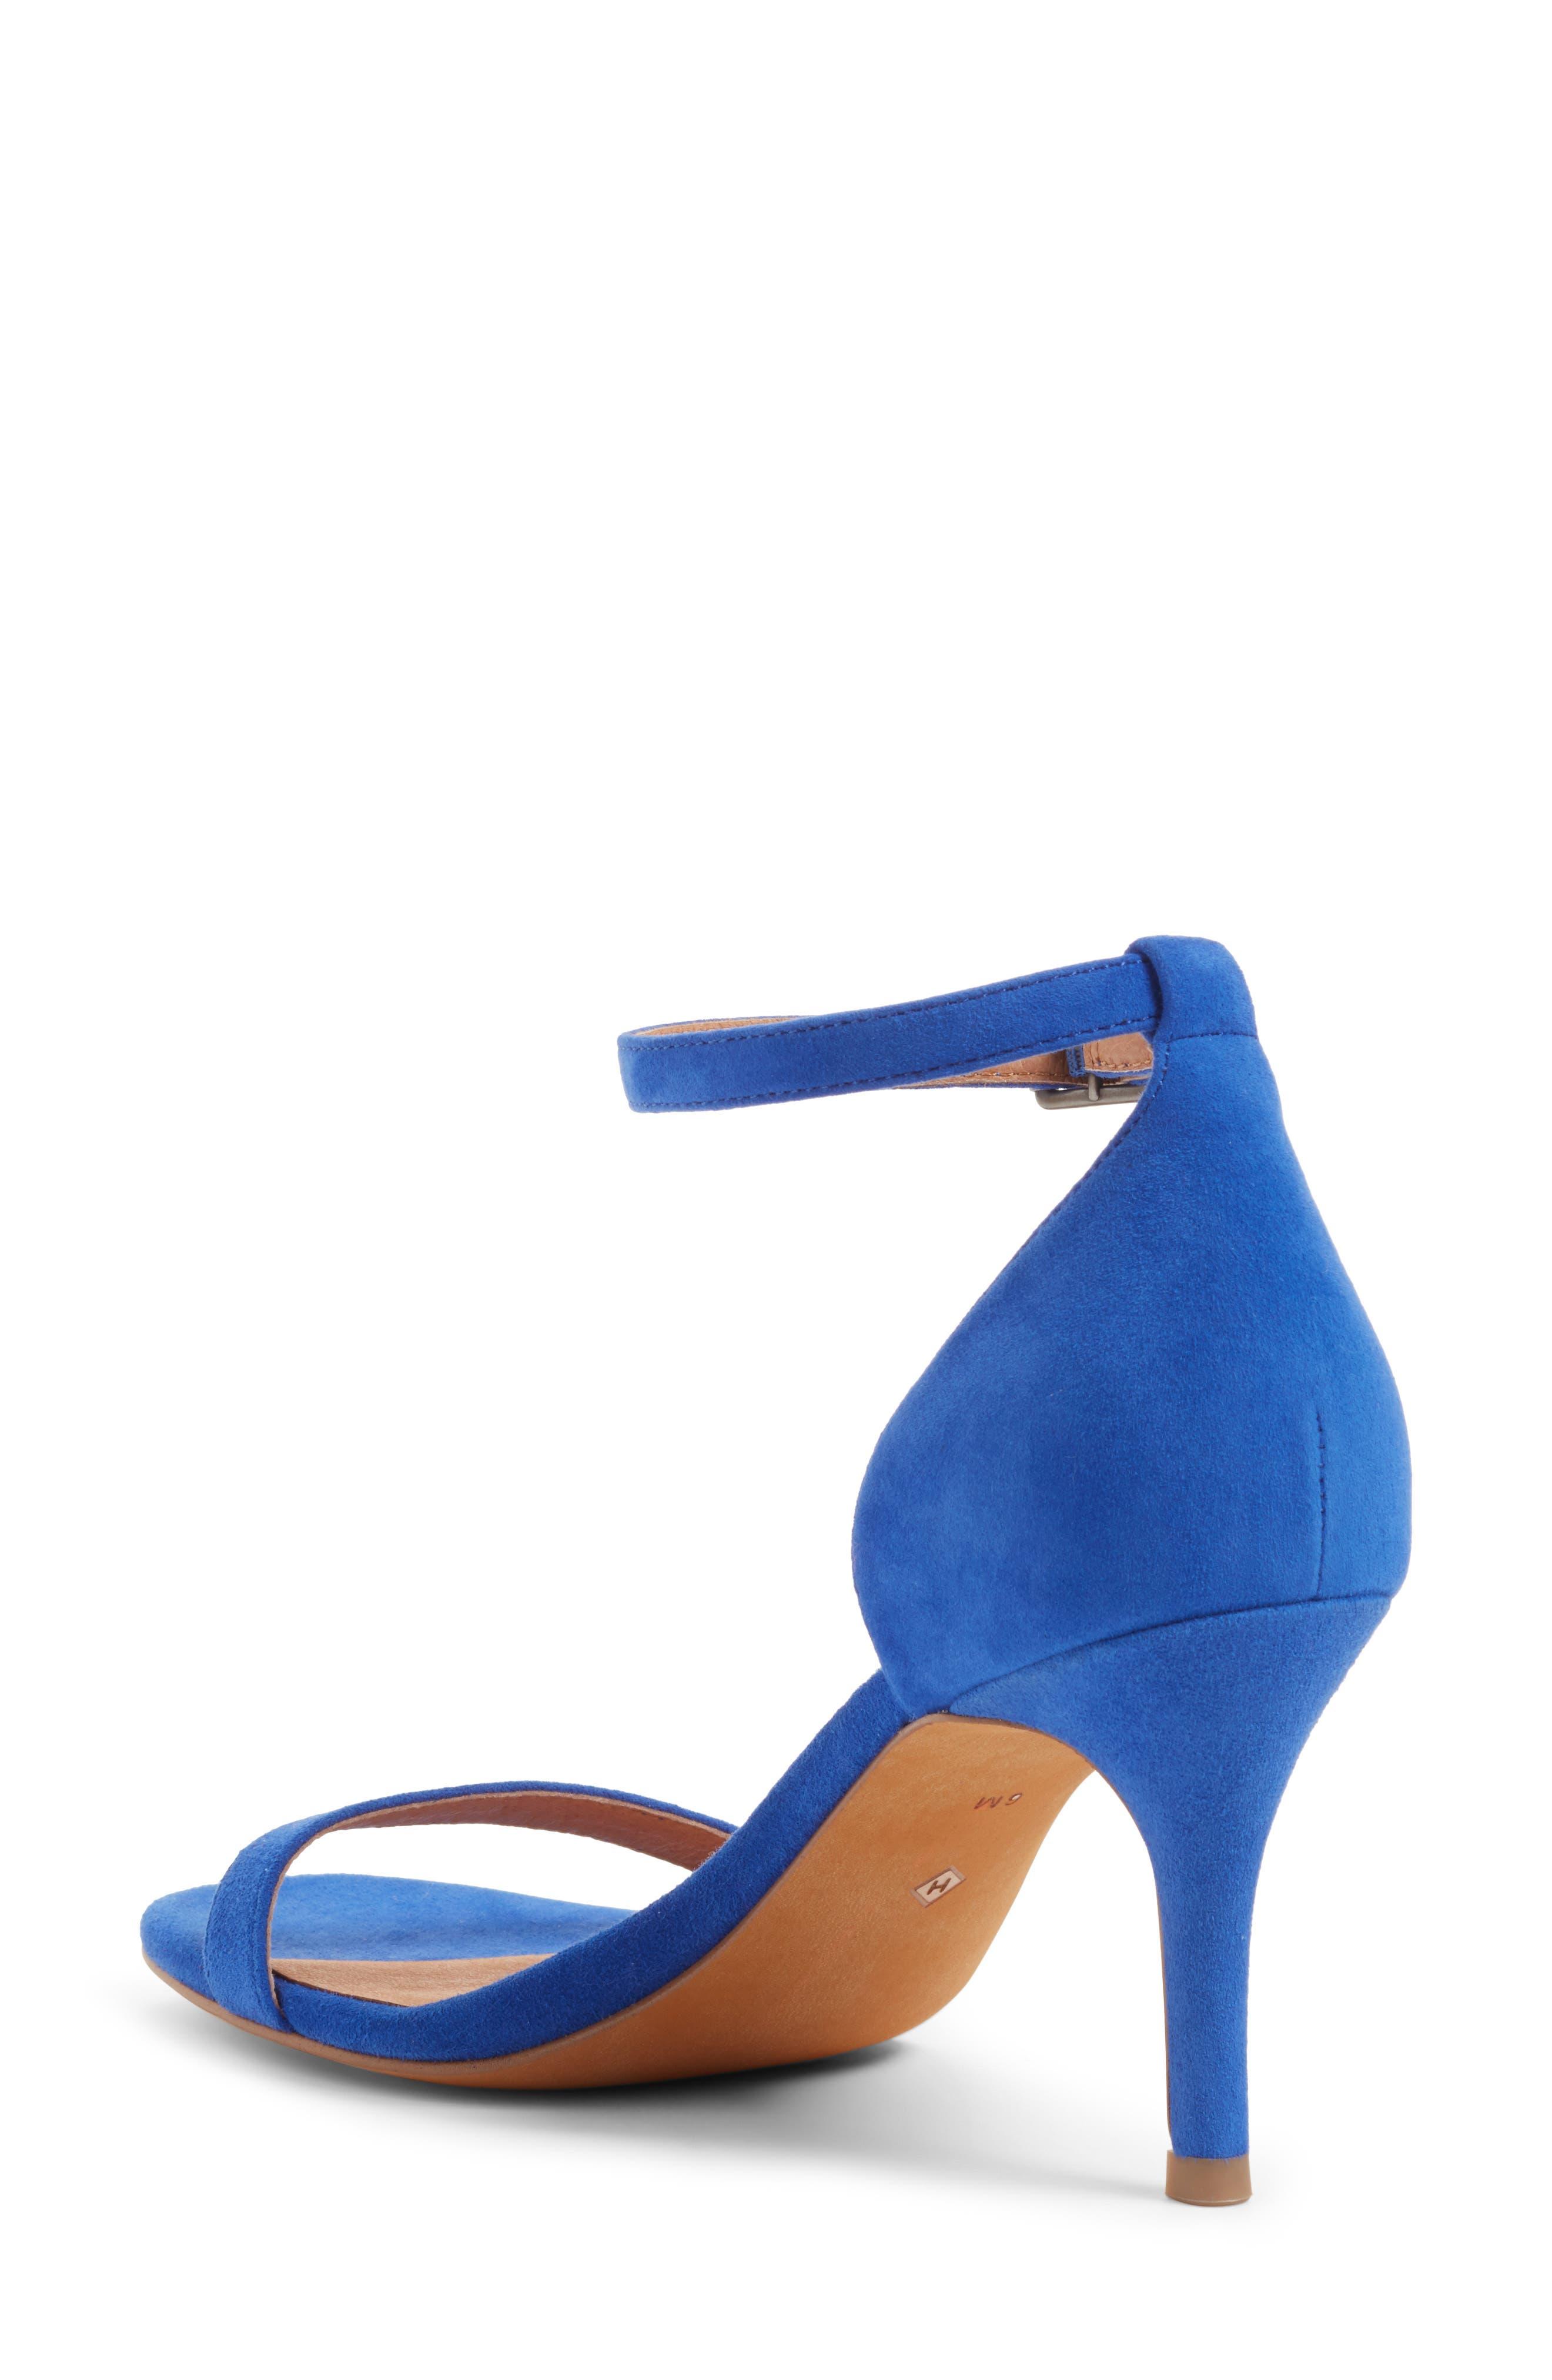 Audrey Ankle Strap Sandal,                             Alternate thumbnail 35, color,